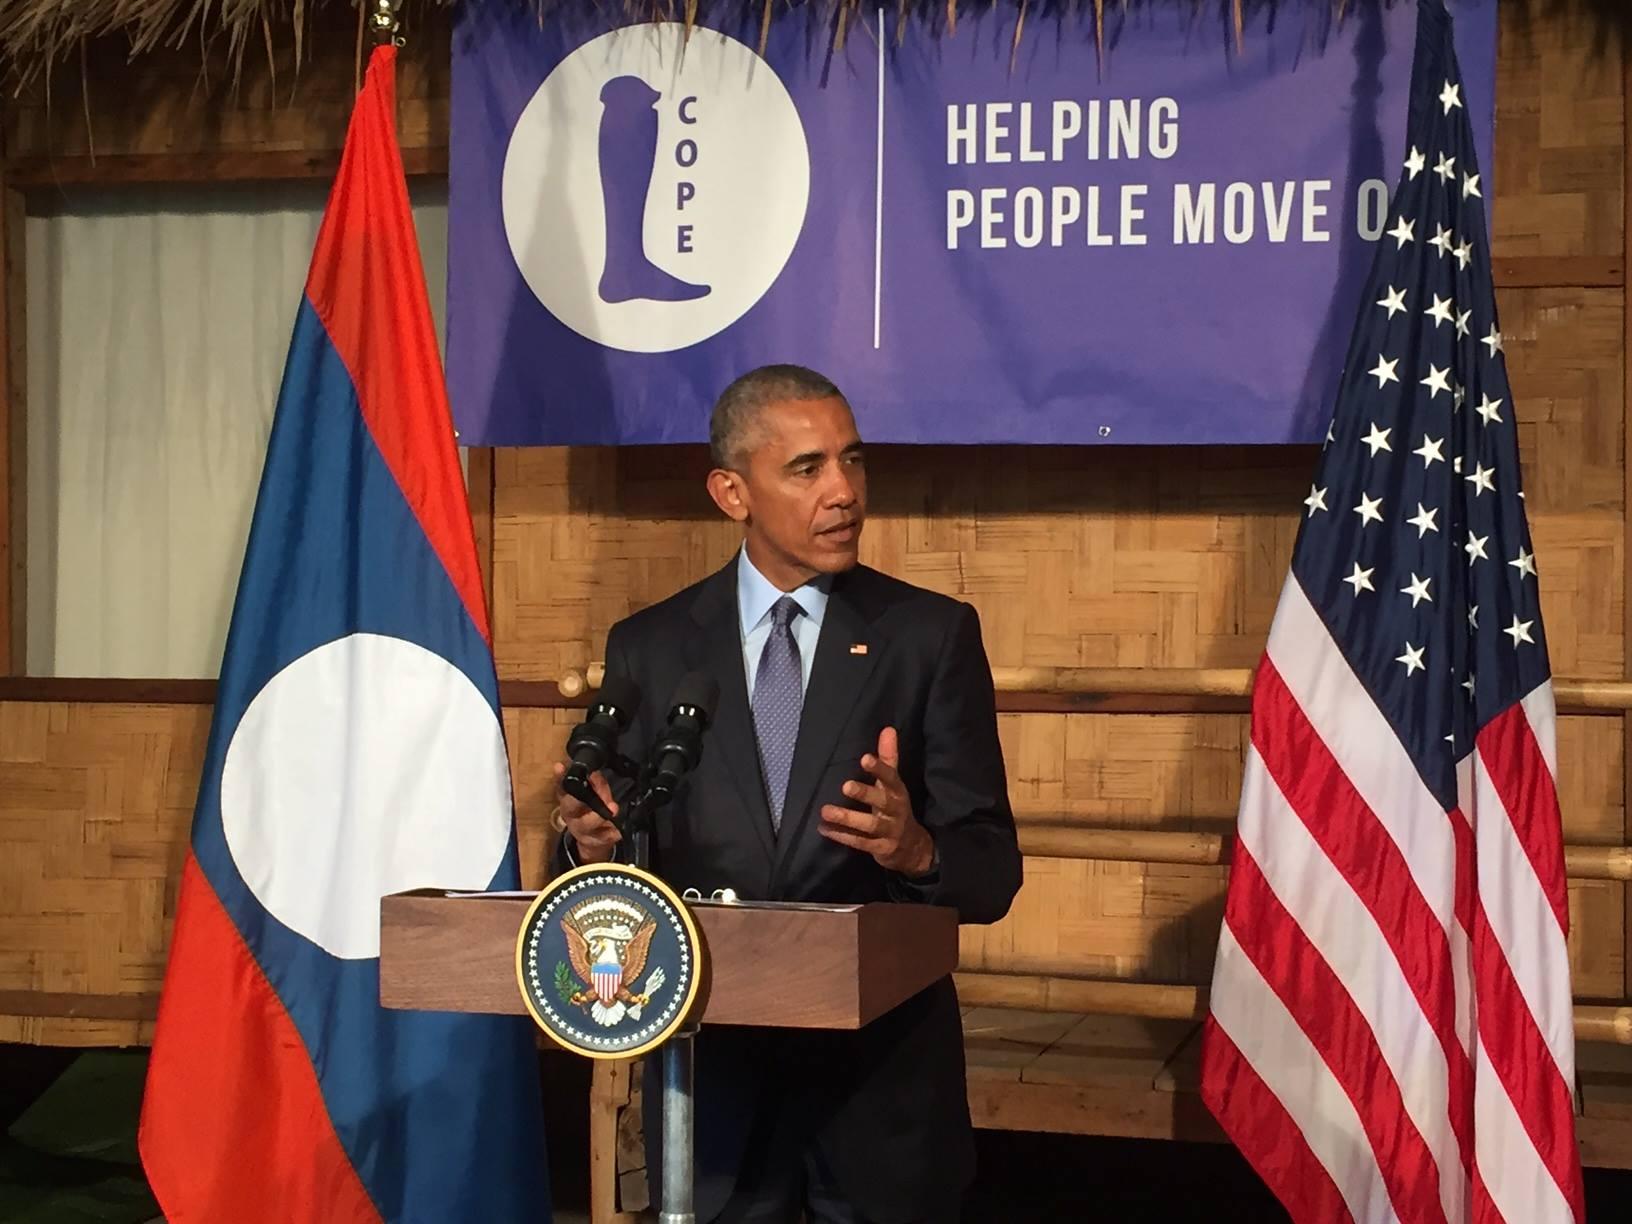 Ông Obama phát biểu tại cơ sở làm chi giả COPE trong chuyến thăm Viêng Chăn (ảnh: Đại sứ quán Hoa Kỳ ở Viêng Chăn)